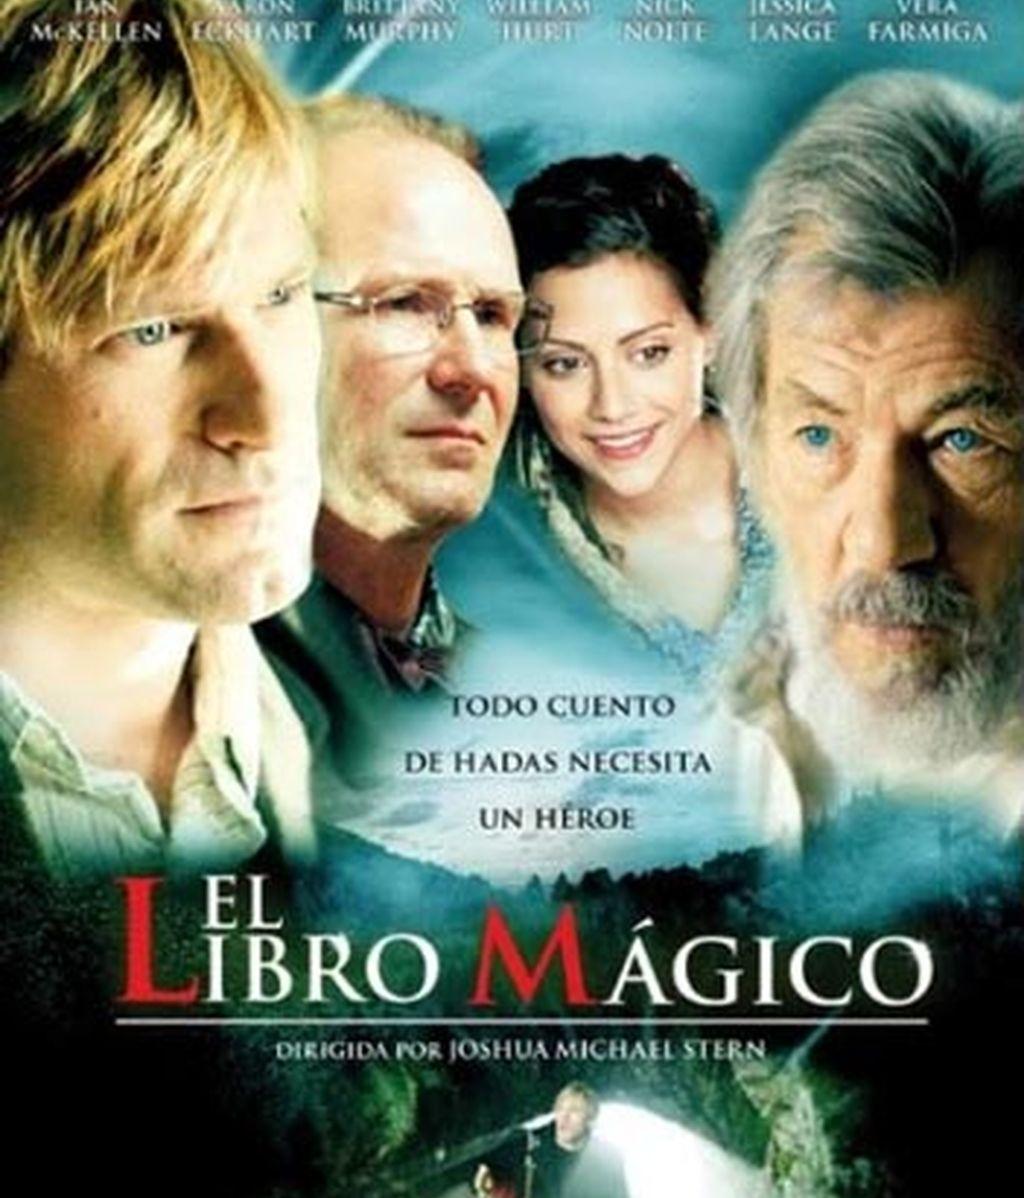 'El libro mágico'